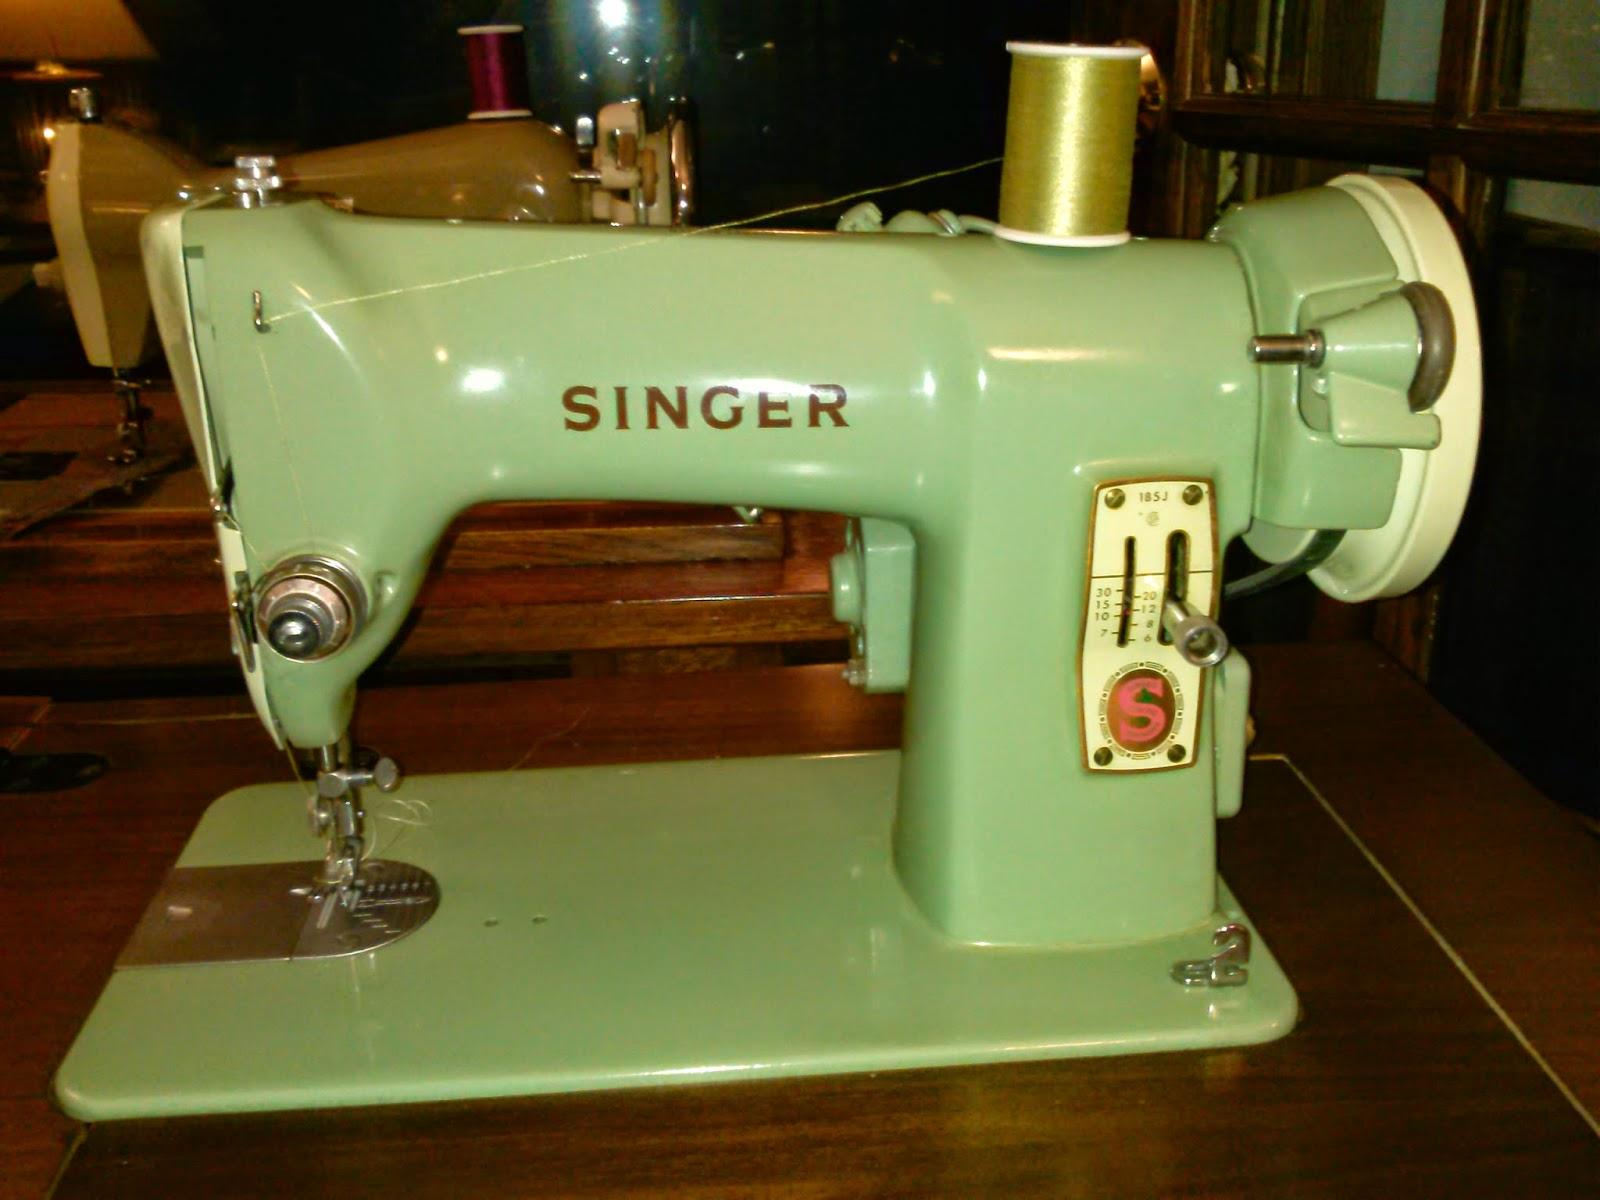 Sewing Machine Mavin: June 2014